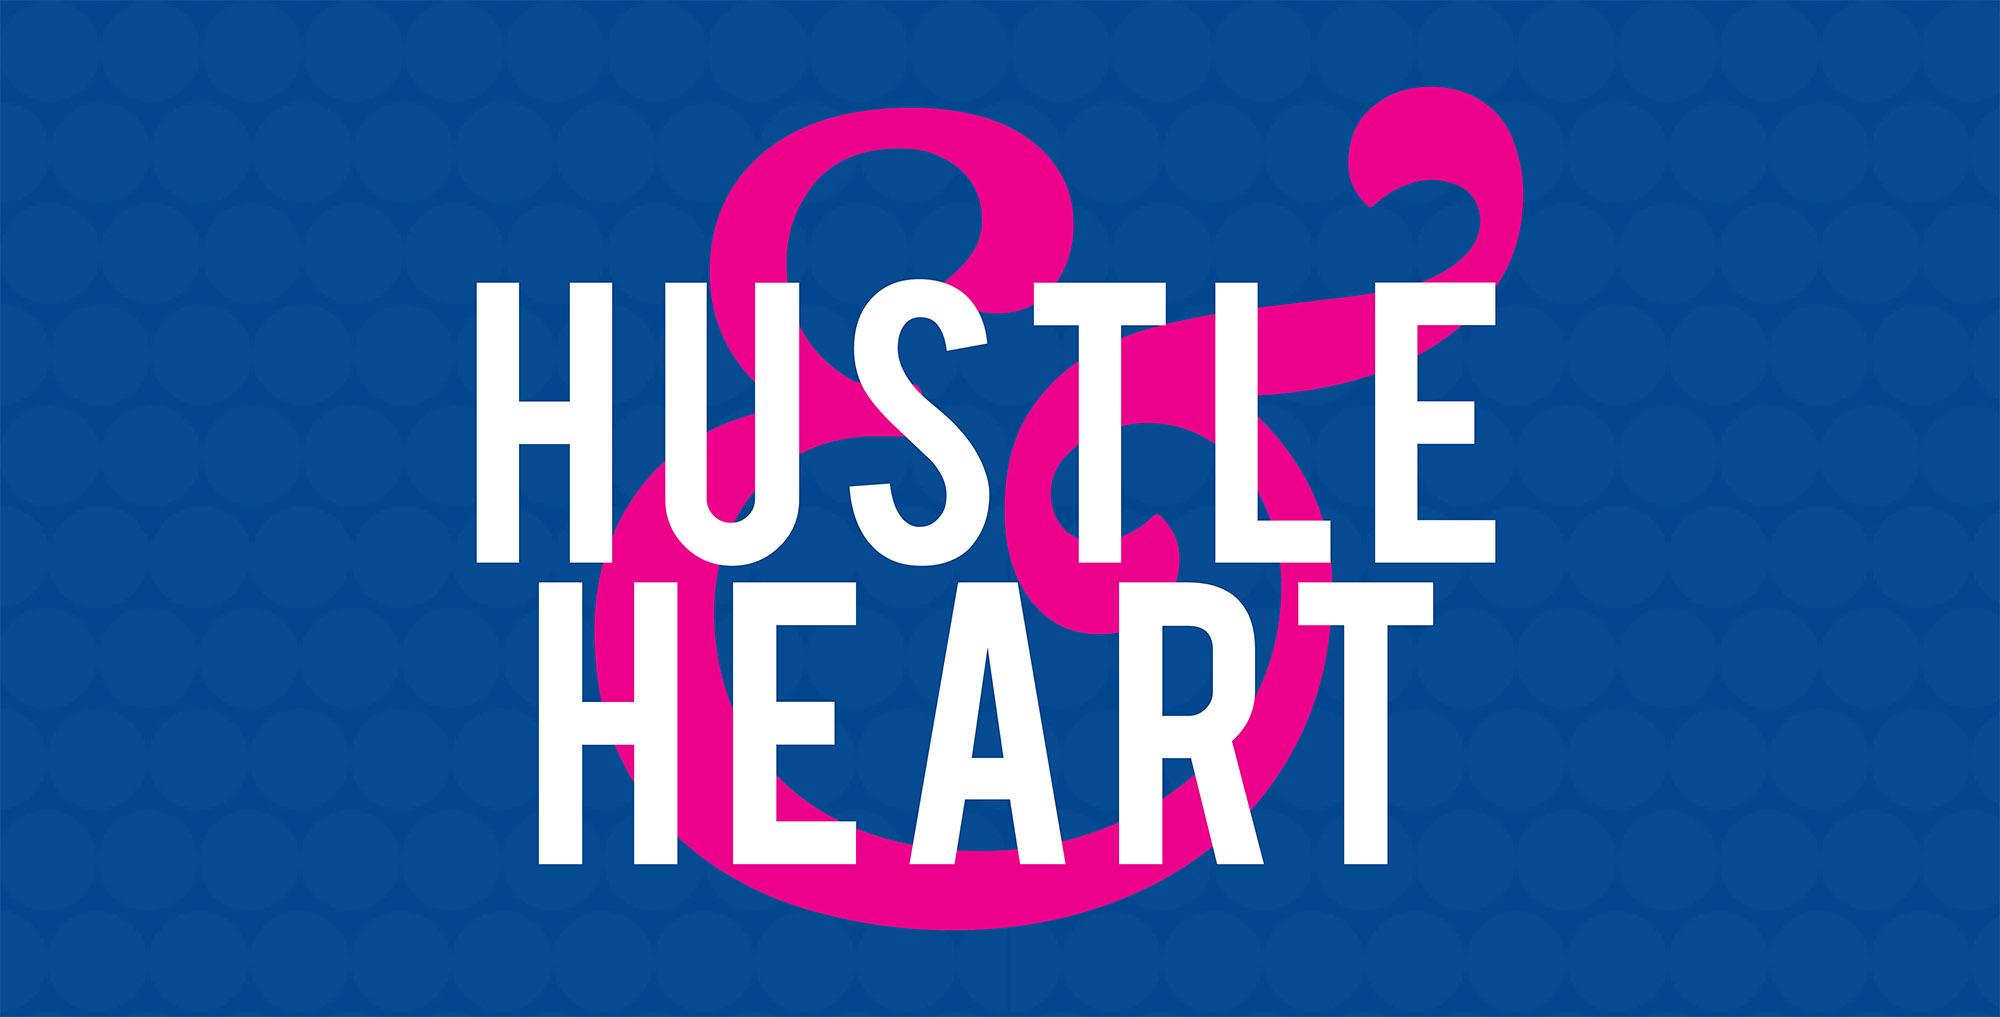 hustleheart_web1